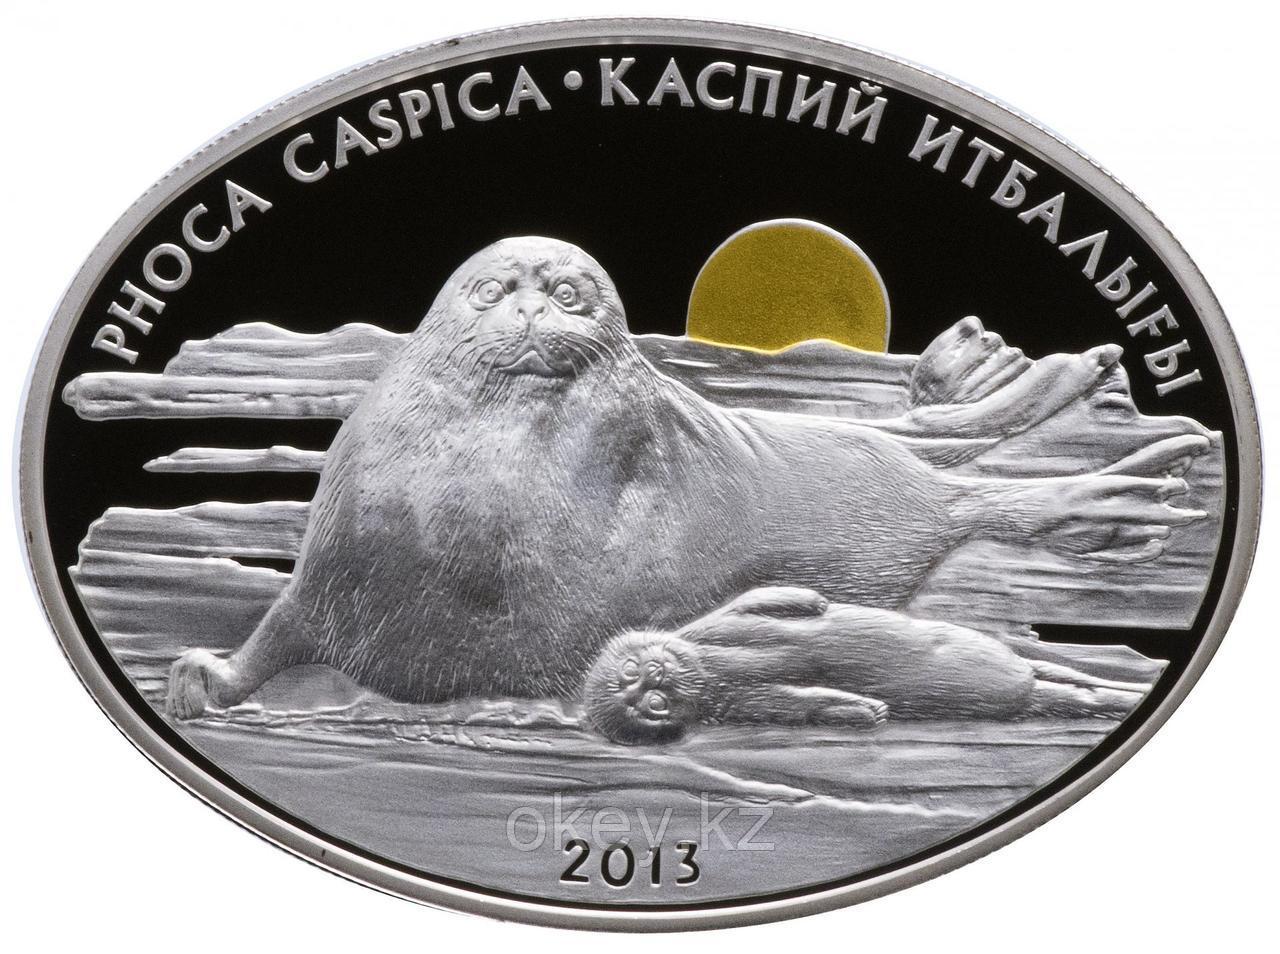 Серебряная монета «Каспийский тюлень» из серии монет «Фауна и флора Казахстана», 500 тенге, качество proof